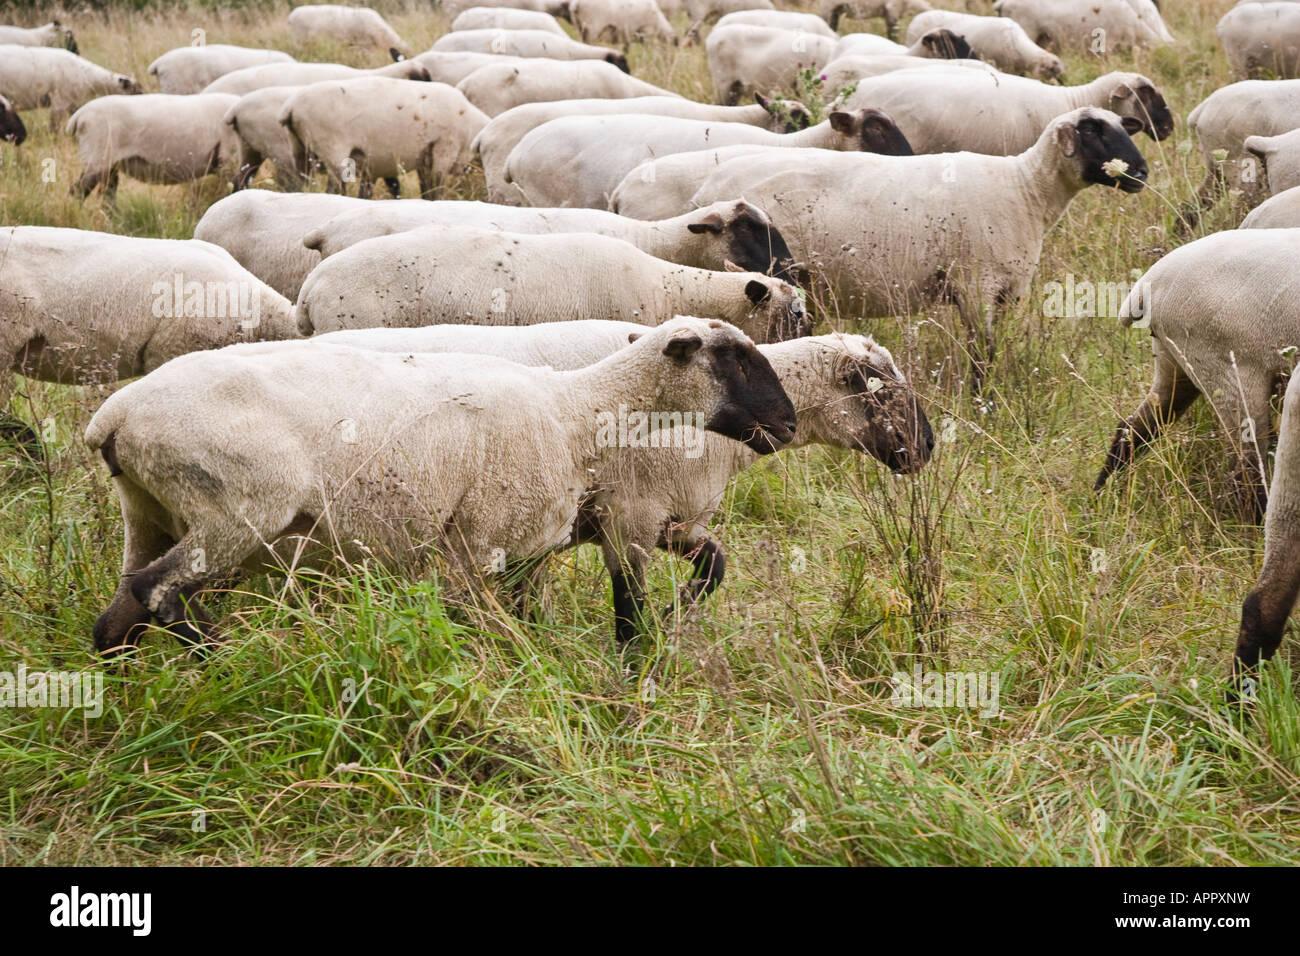 Mouton à tête noire allemande, de viande et de laine de mouton variété / type Photo Stock